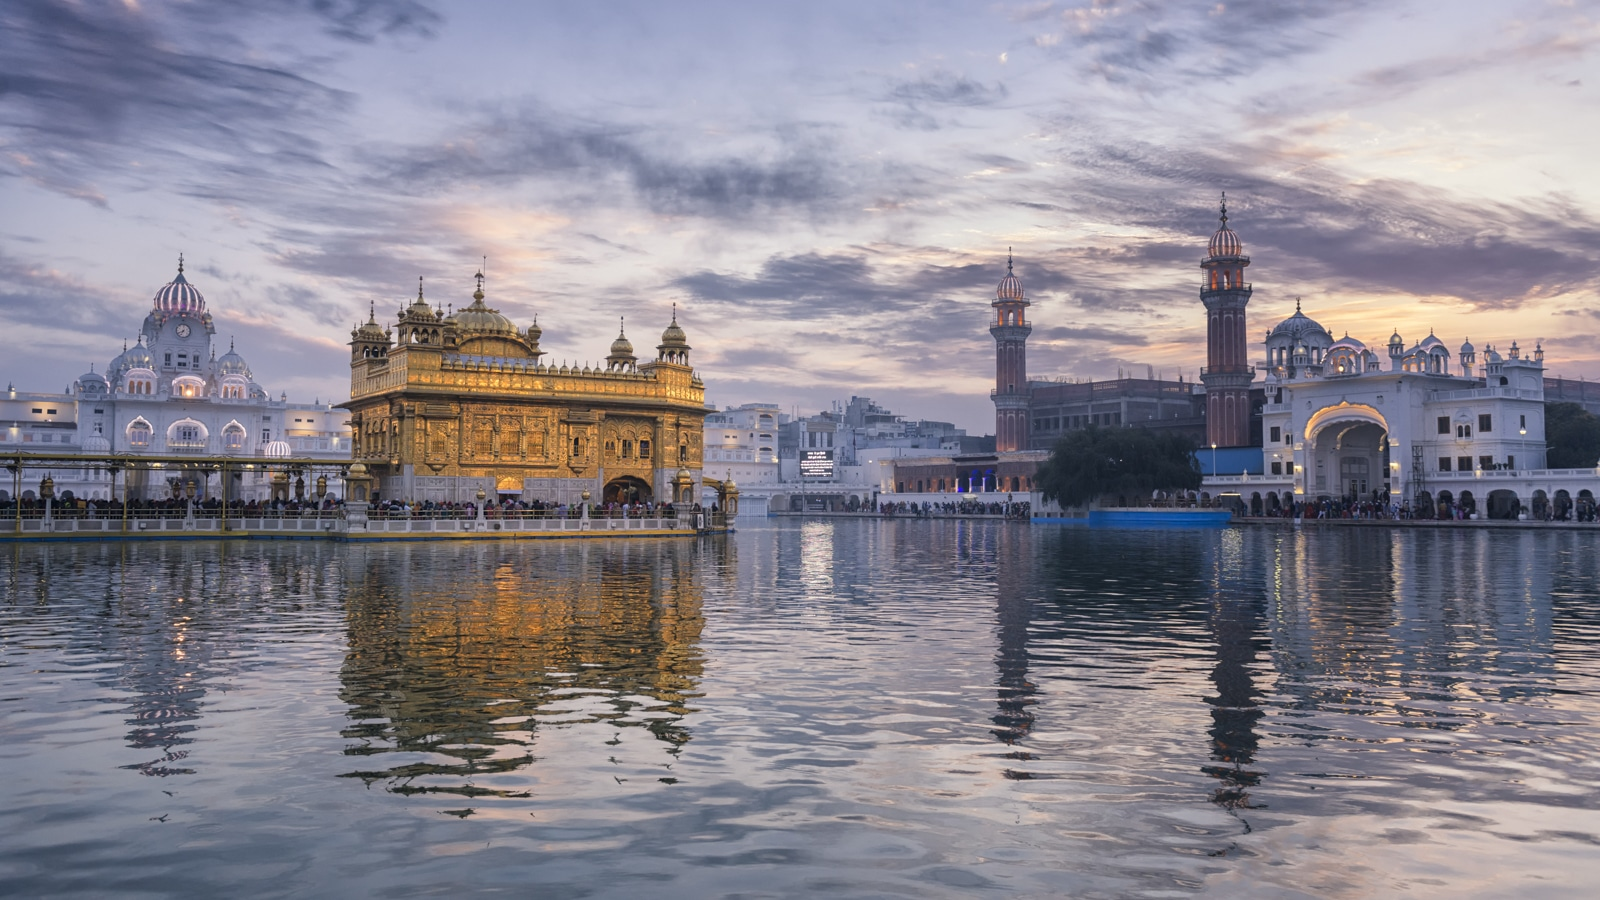 Voyage organisé en petit groupe - Amritsar Temple d'Or- Inde - Agence de voyage Les Routes du Monde